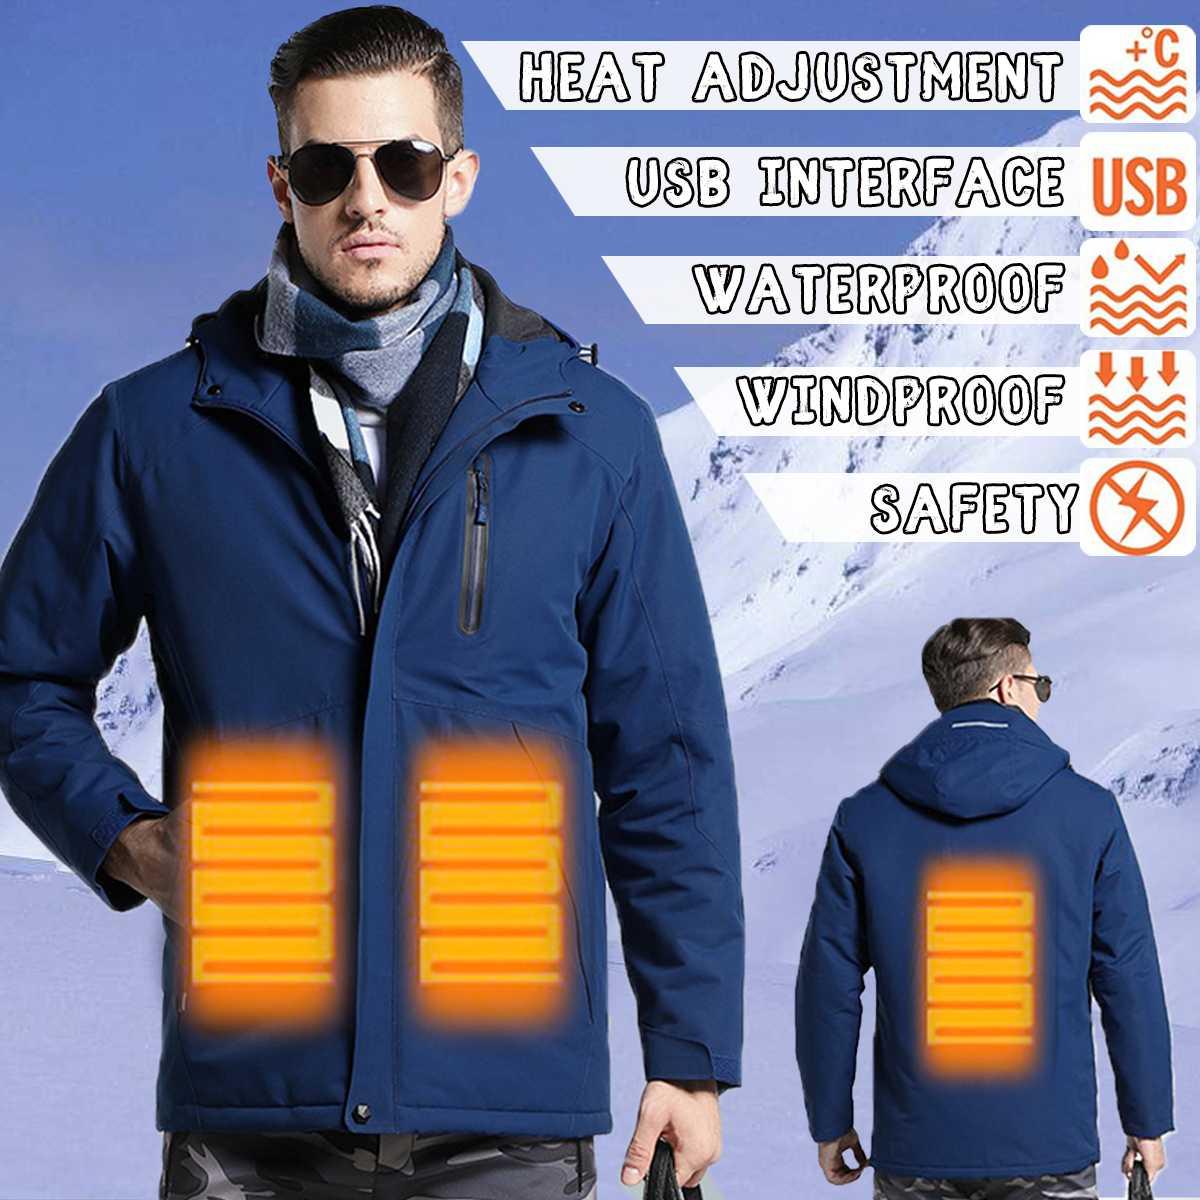 Smart Обновлен для мужчин Открытый USB инфракрасного нагрева куртка зима полиэстер волокно Электрический термальность одежда куртк